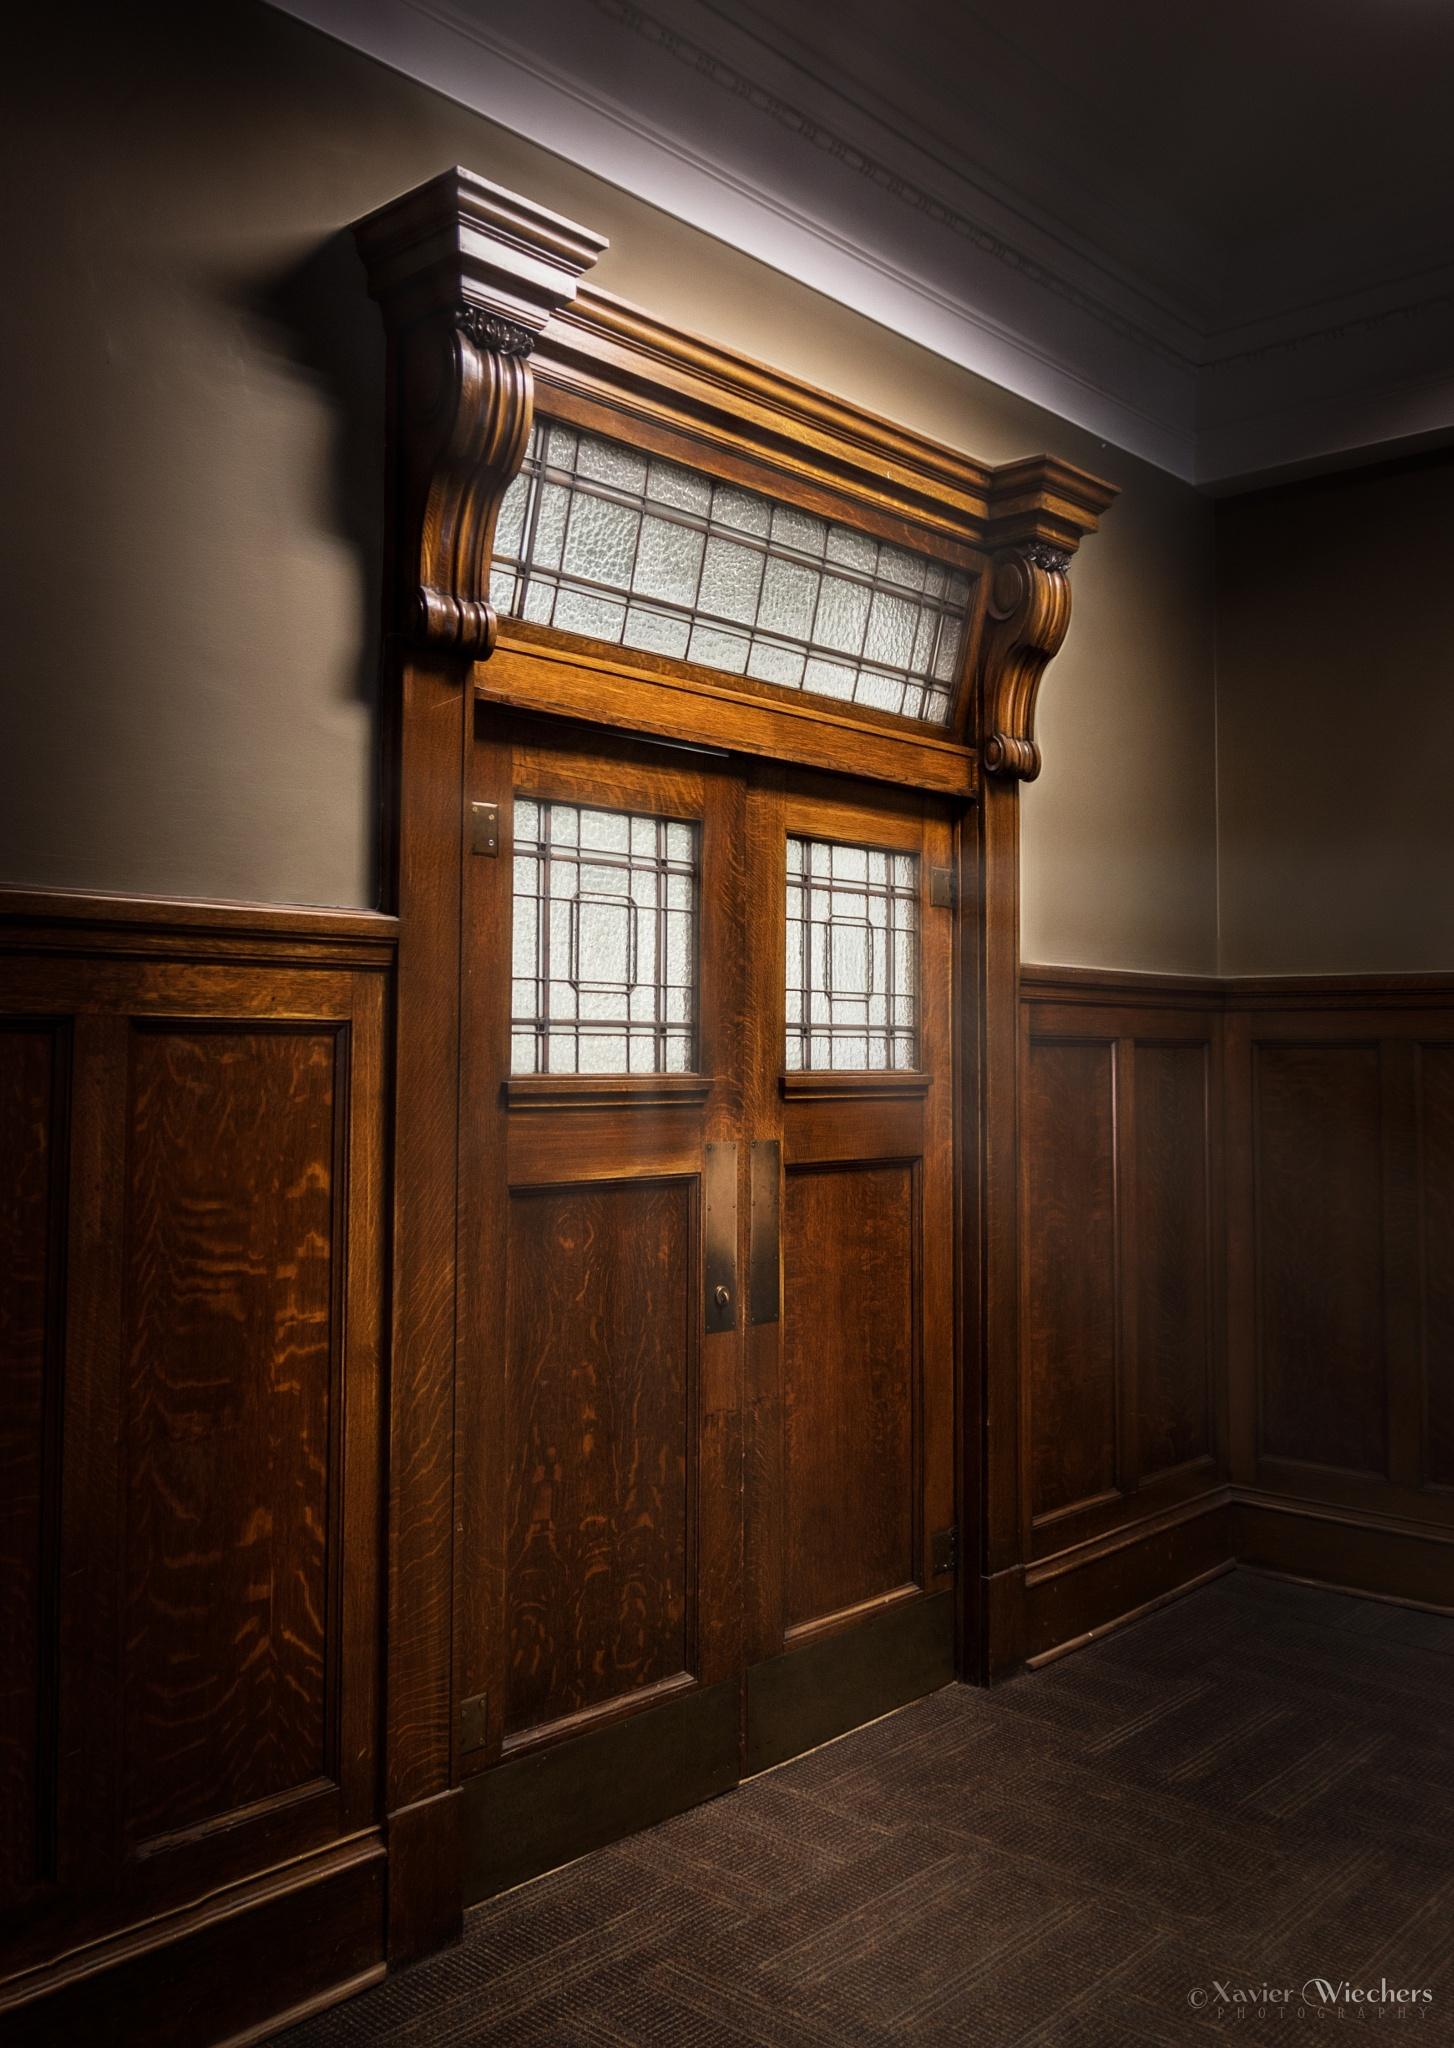 Vancouver Art Gallery - Court Door by xwiechers